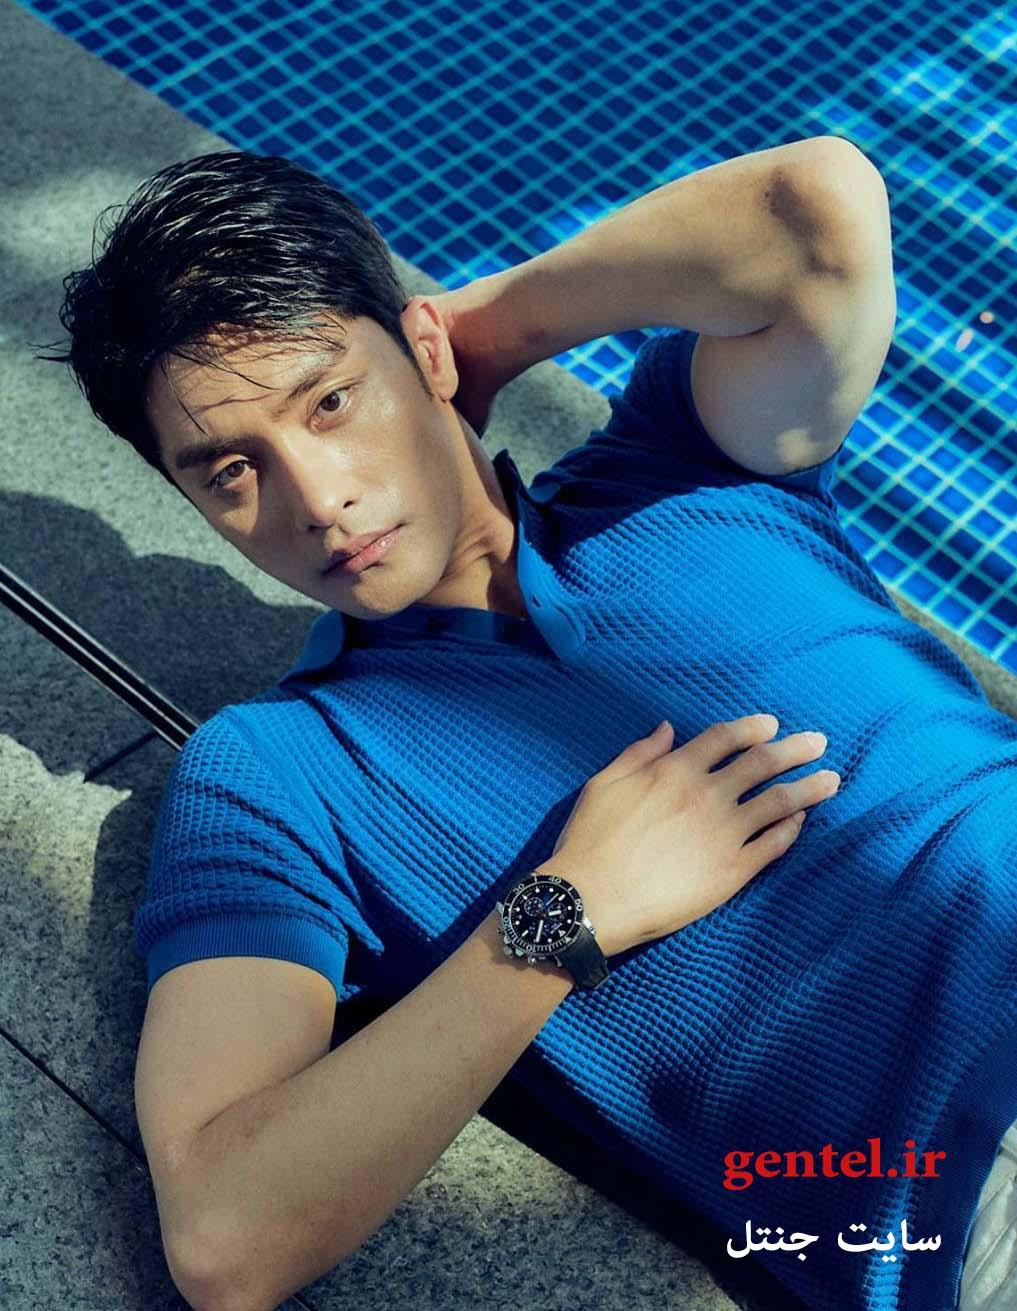 بیوگرافی و عکس های جذاب سانگ هیون